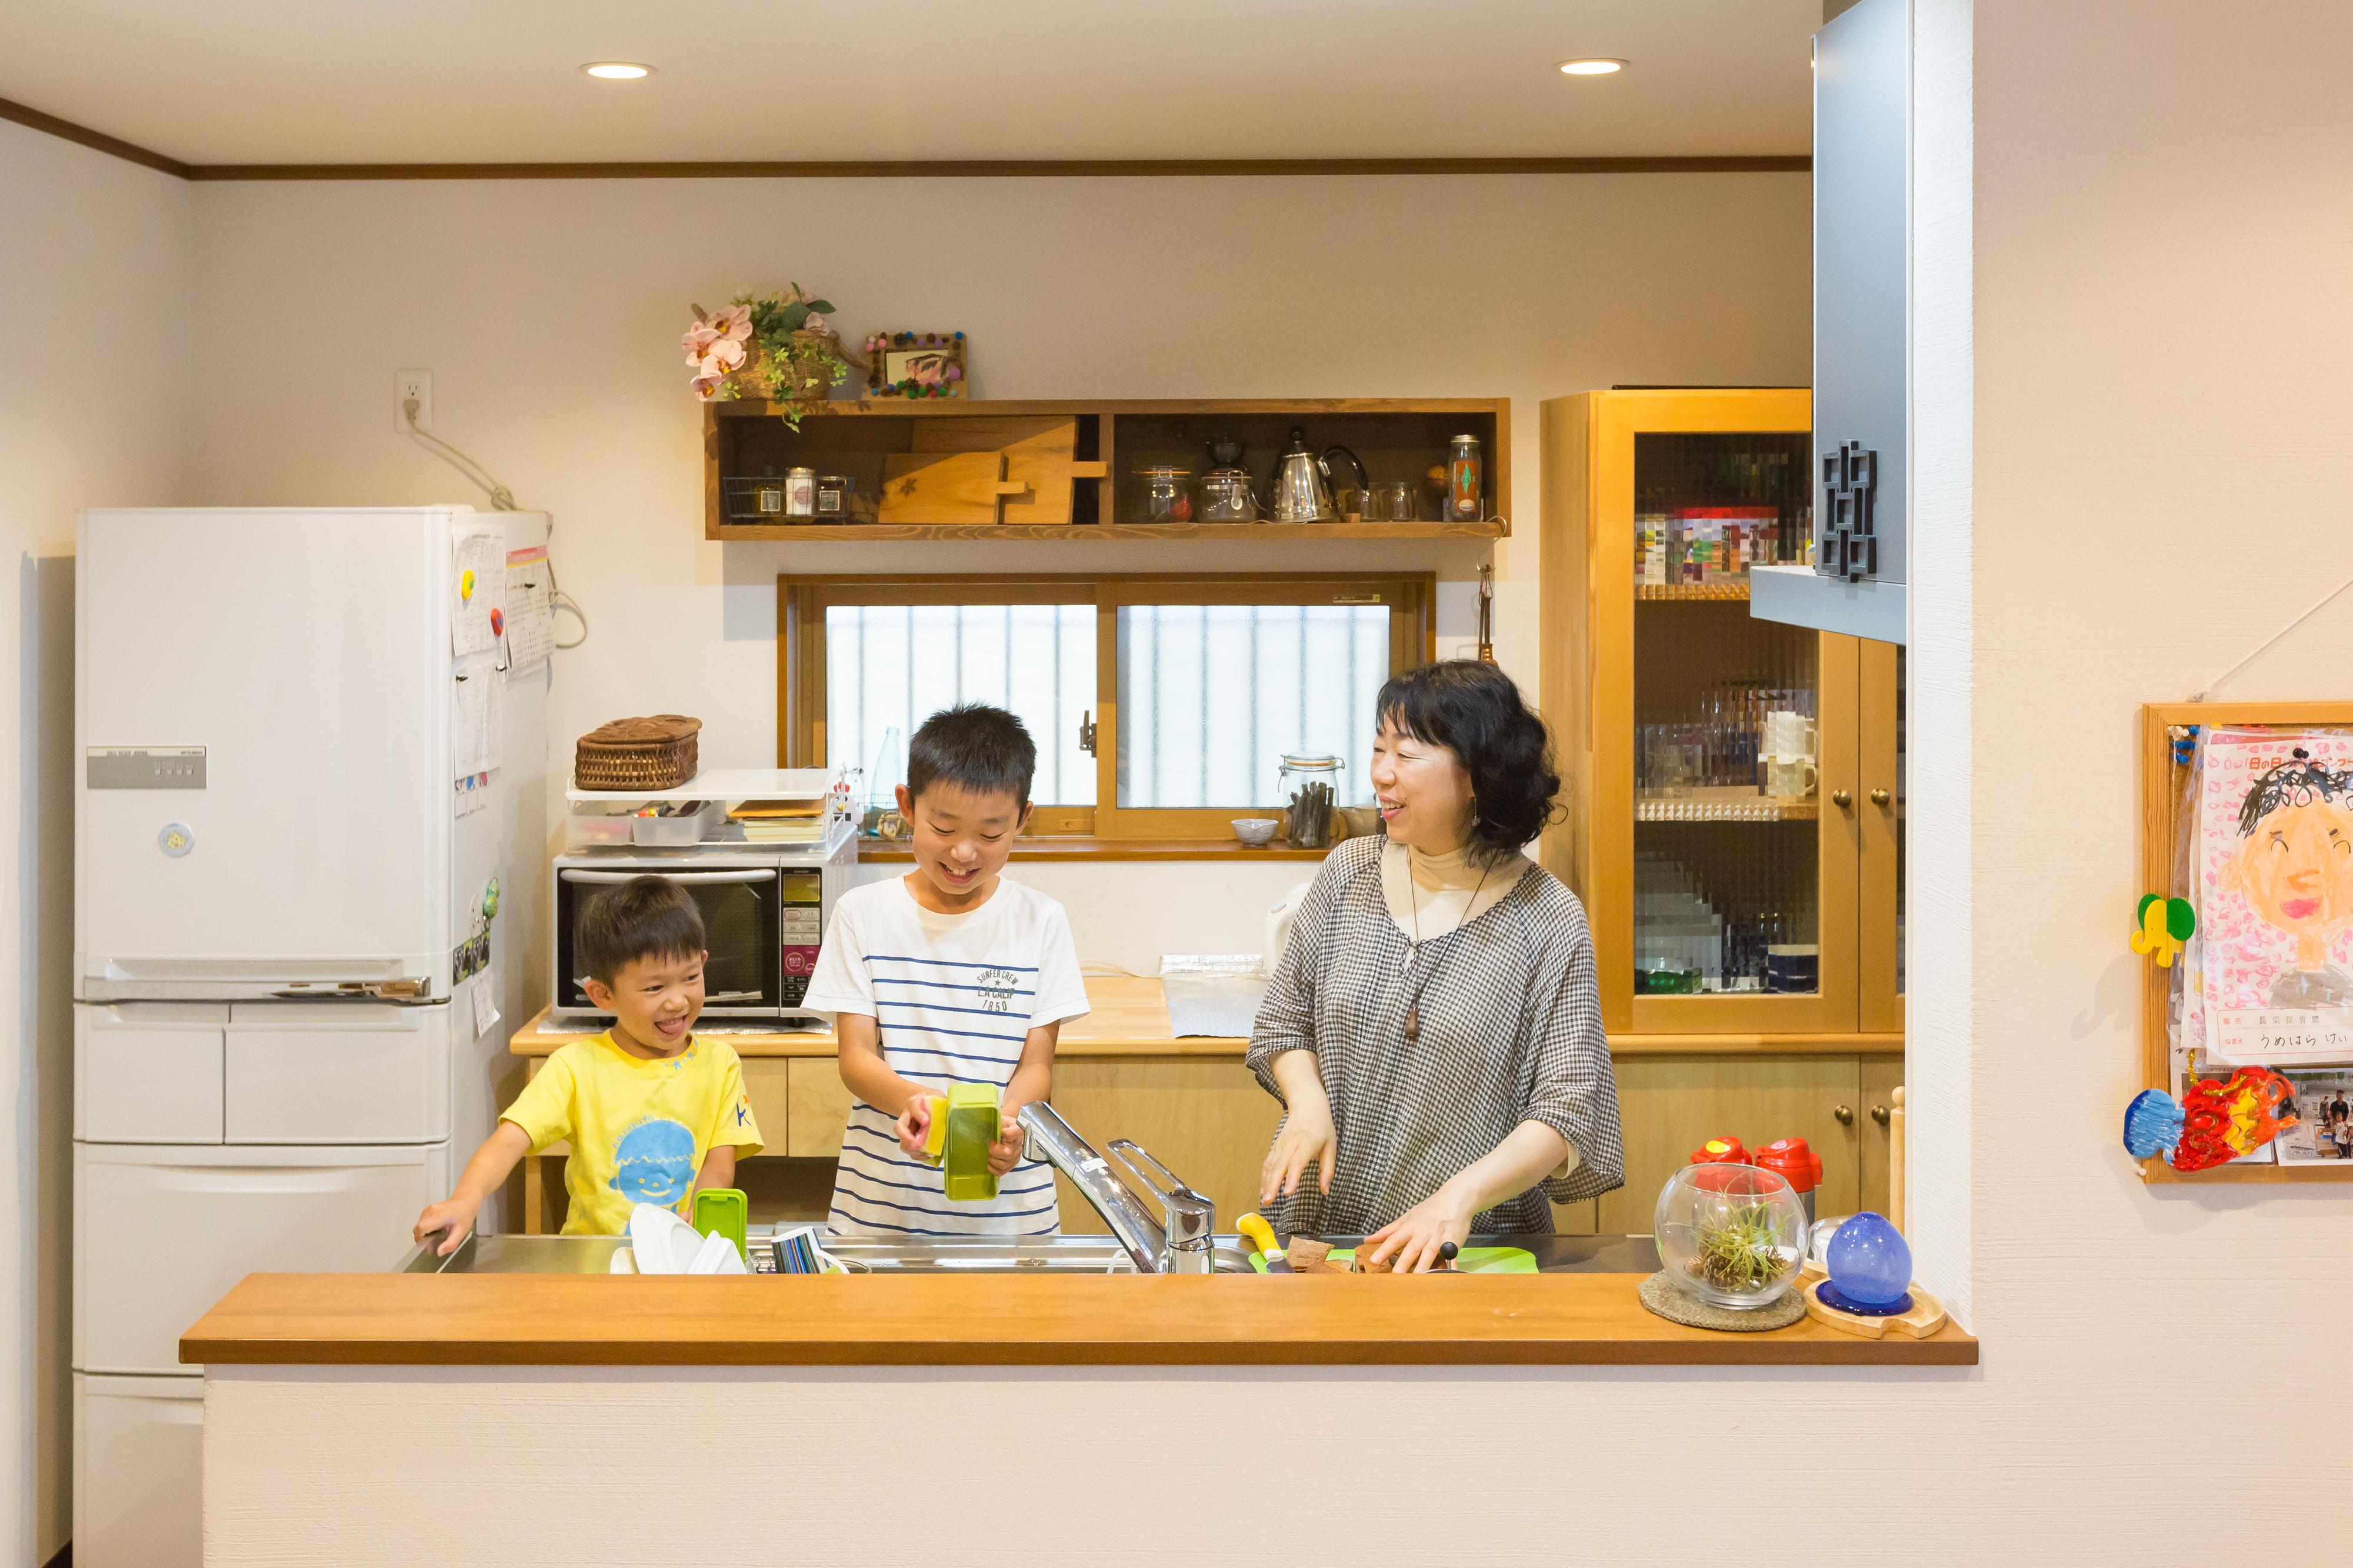 河合工務店【子育て、自然素材、狭小住宅】キッチンは奥様こだわりの空間。収納方法や、工夫なども詳しくレクチャーしてもらったので安心だ